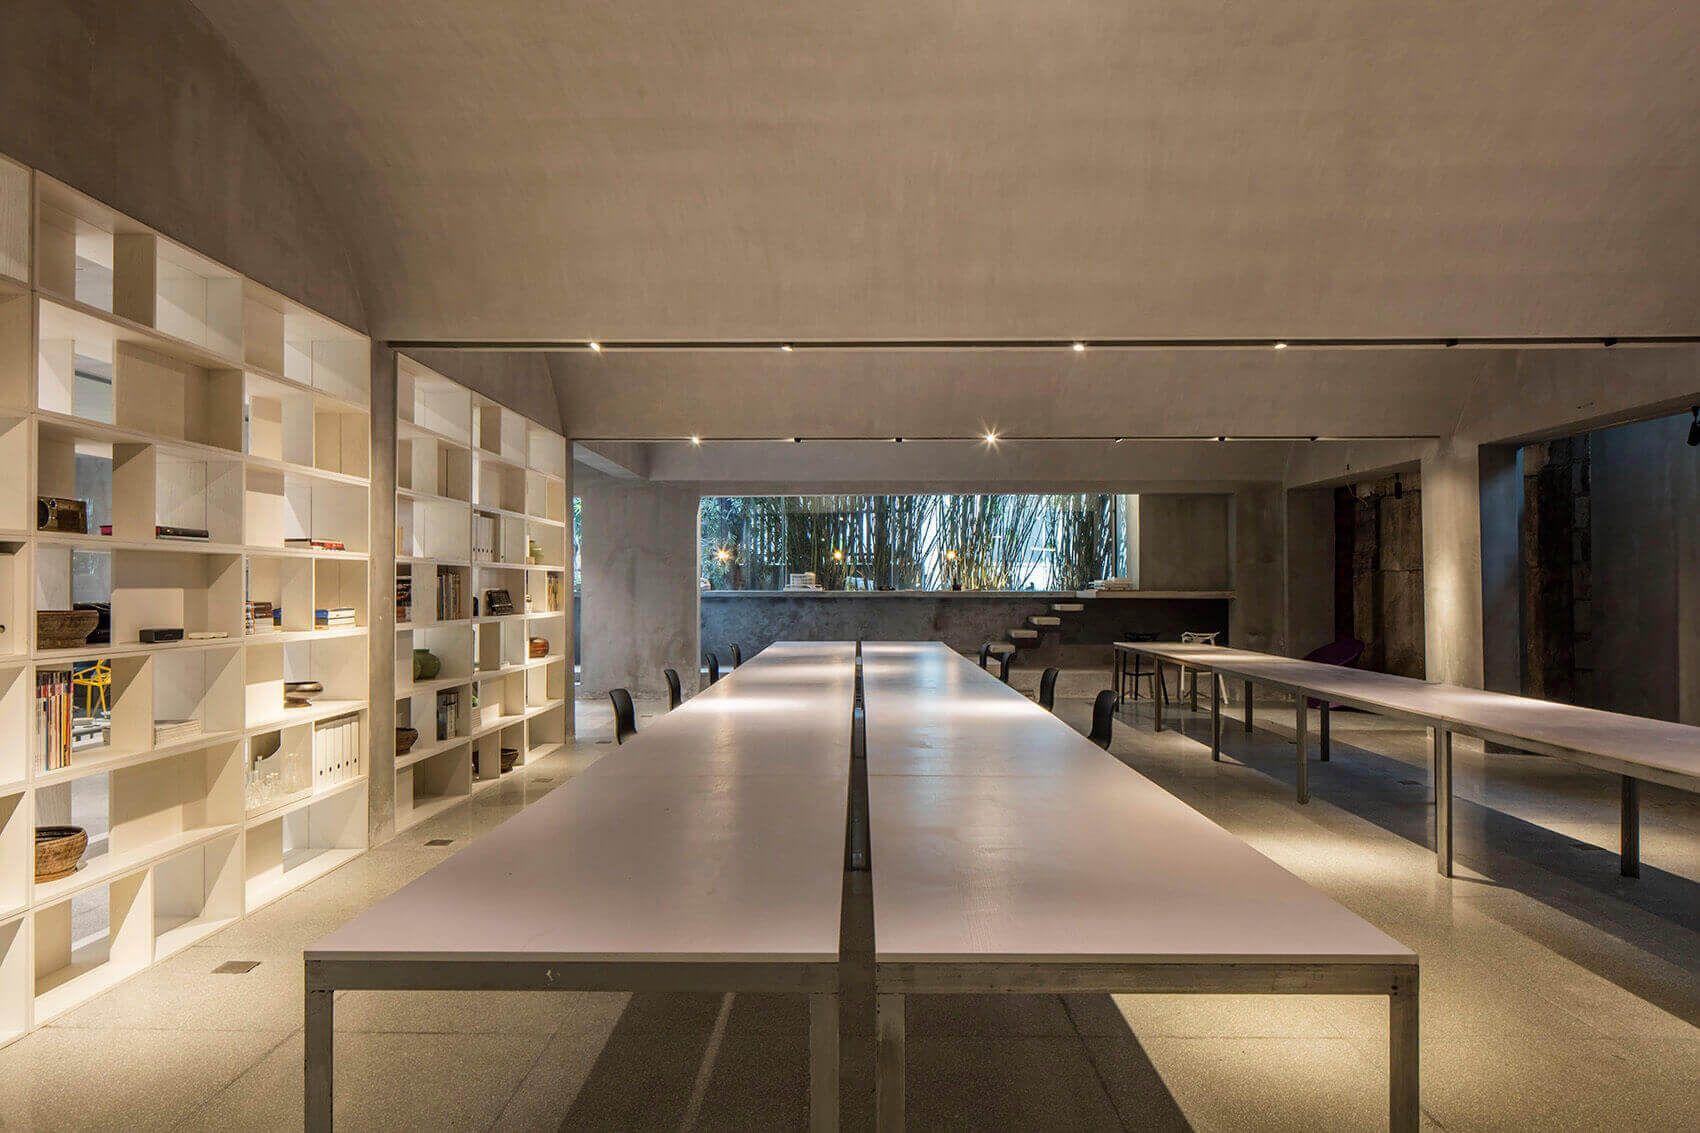 建筑改造之上海大样办公室设计|1305 STUDIO - 3